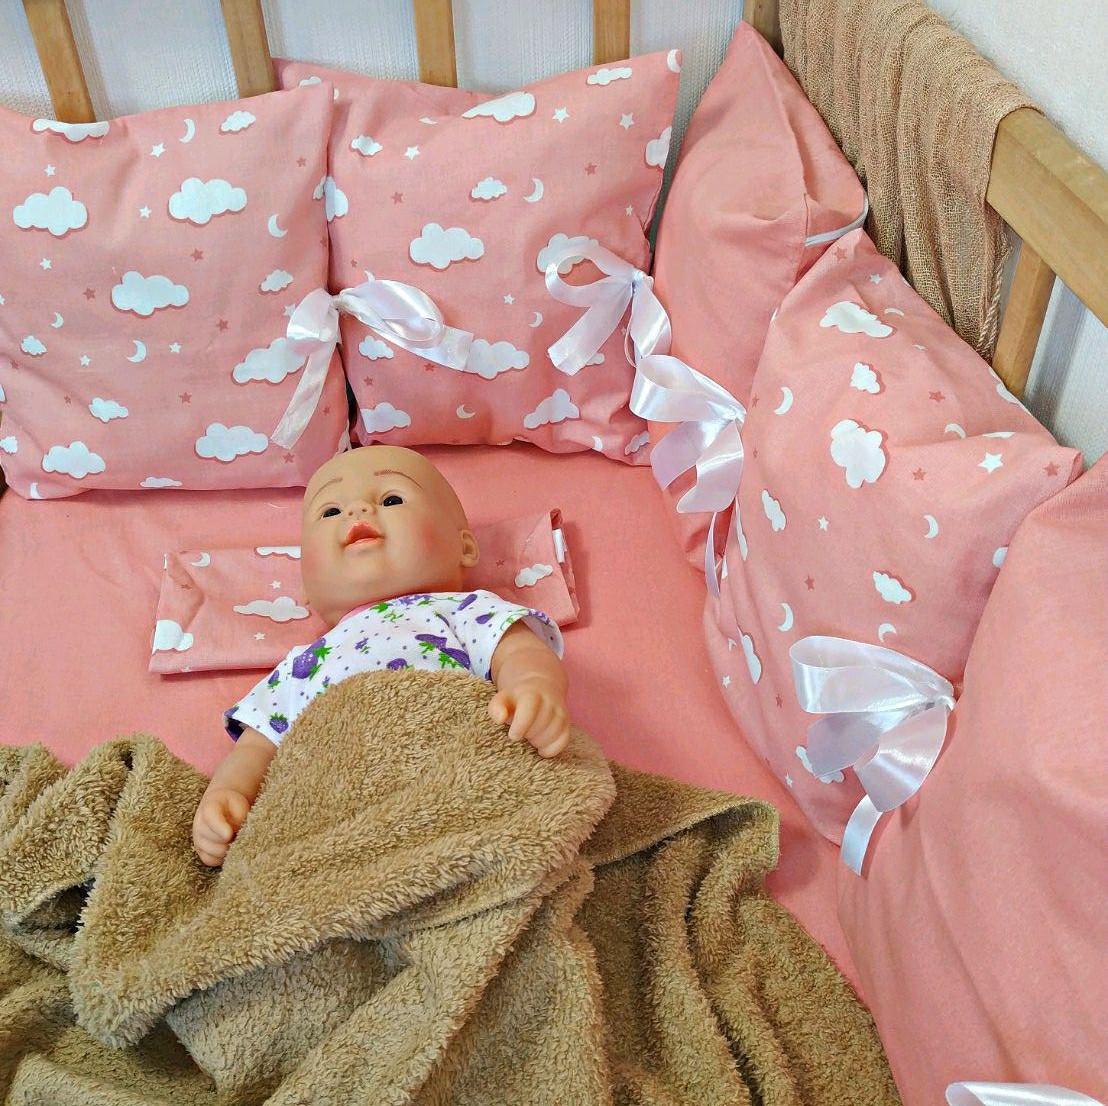 Защита со сьемными наволочками в детскую кроватку | Захист зі зйомними наволочками в дитяче ліжечко